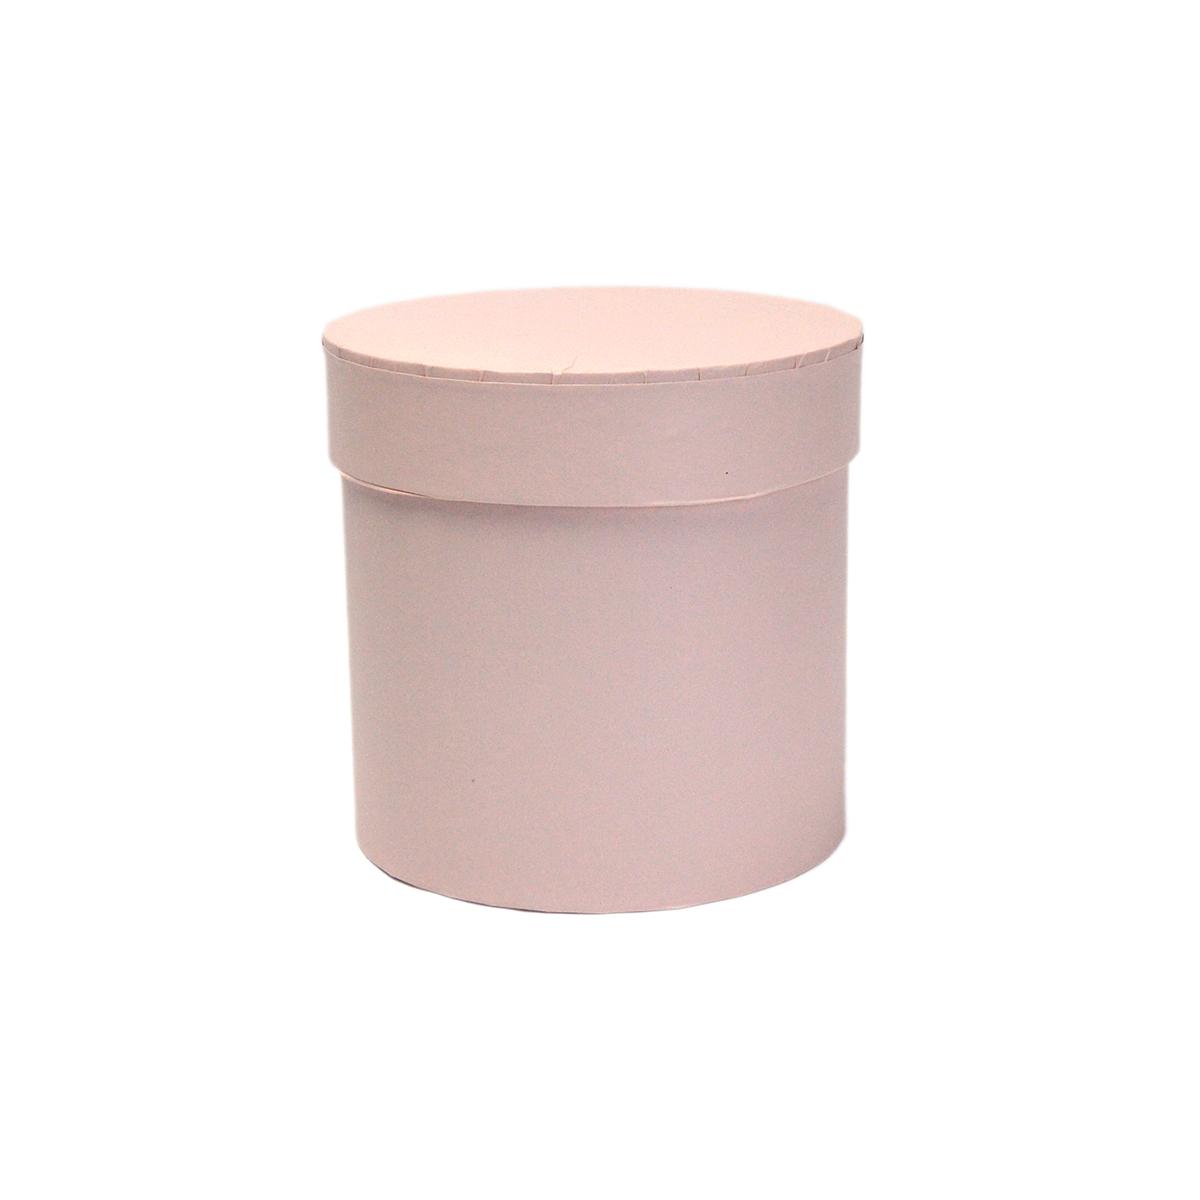 Ambalaje Flori ONLINE vinde Cutie cilindrica fara manere roz pastel 11.5x12 cm la pretul de 8.9 lei